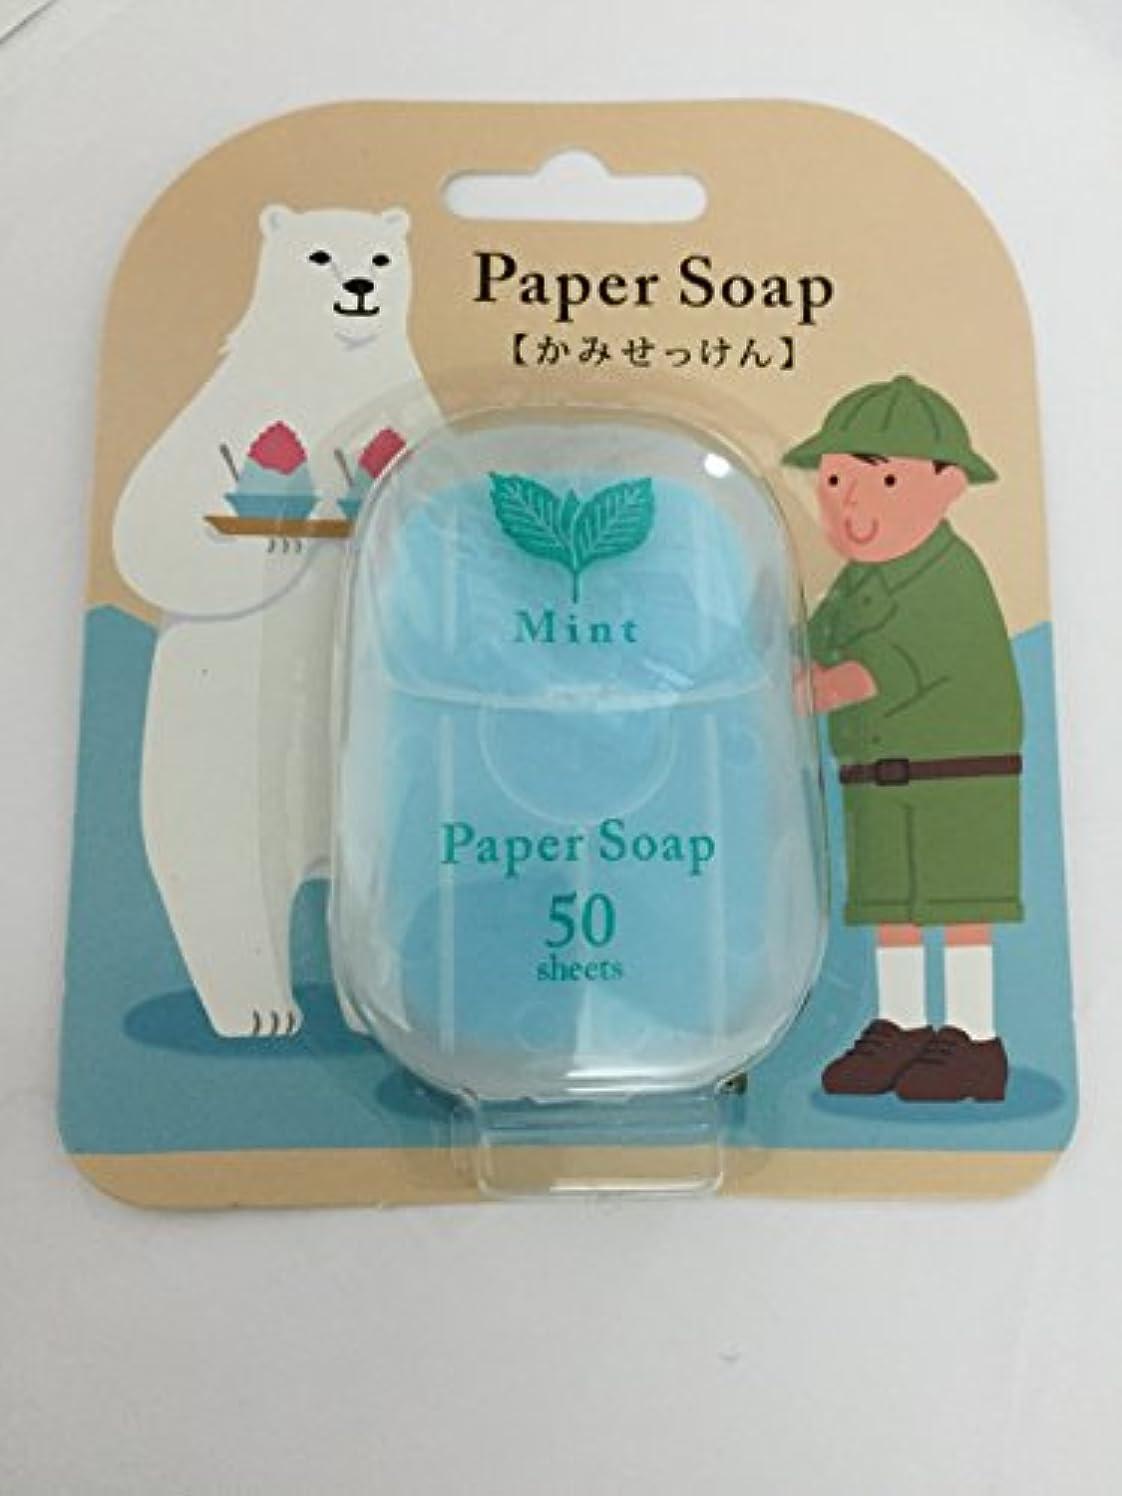 年齢オーチャードラッシュペーパーソープ(かみせっけん) ミントの香り 新商品